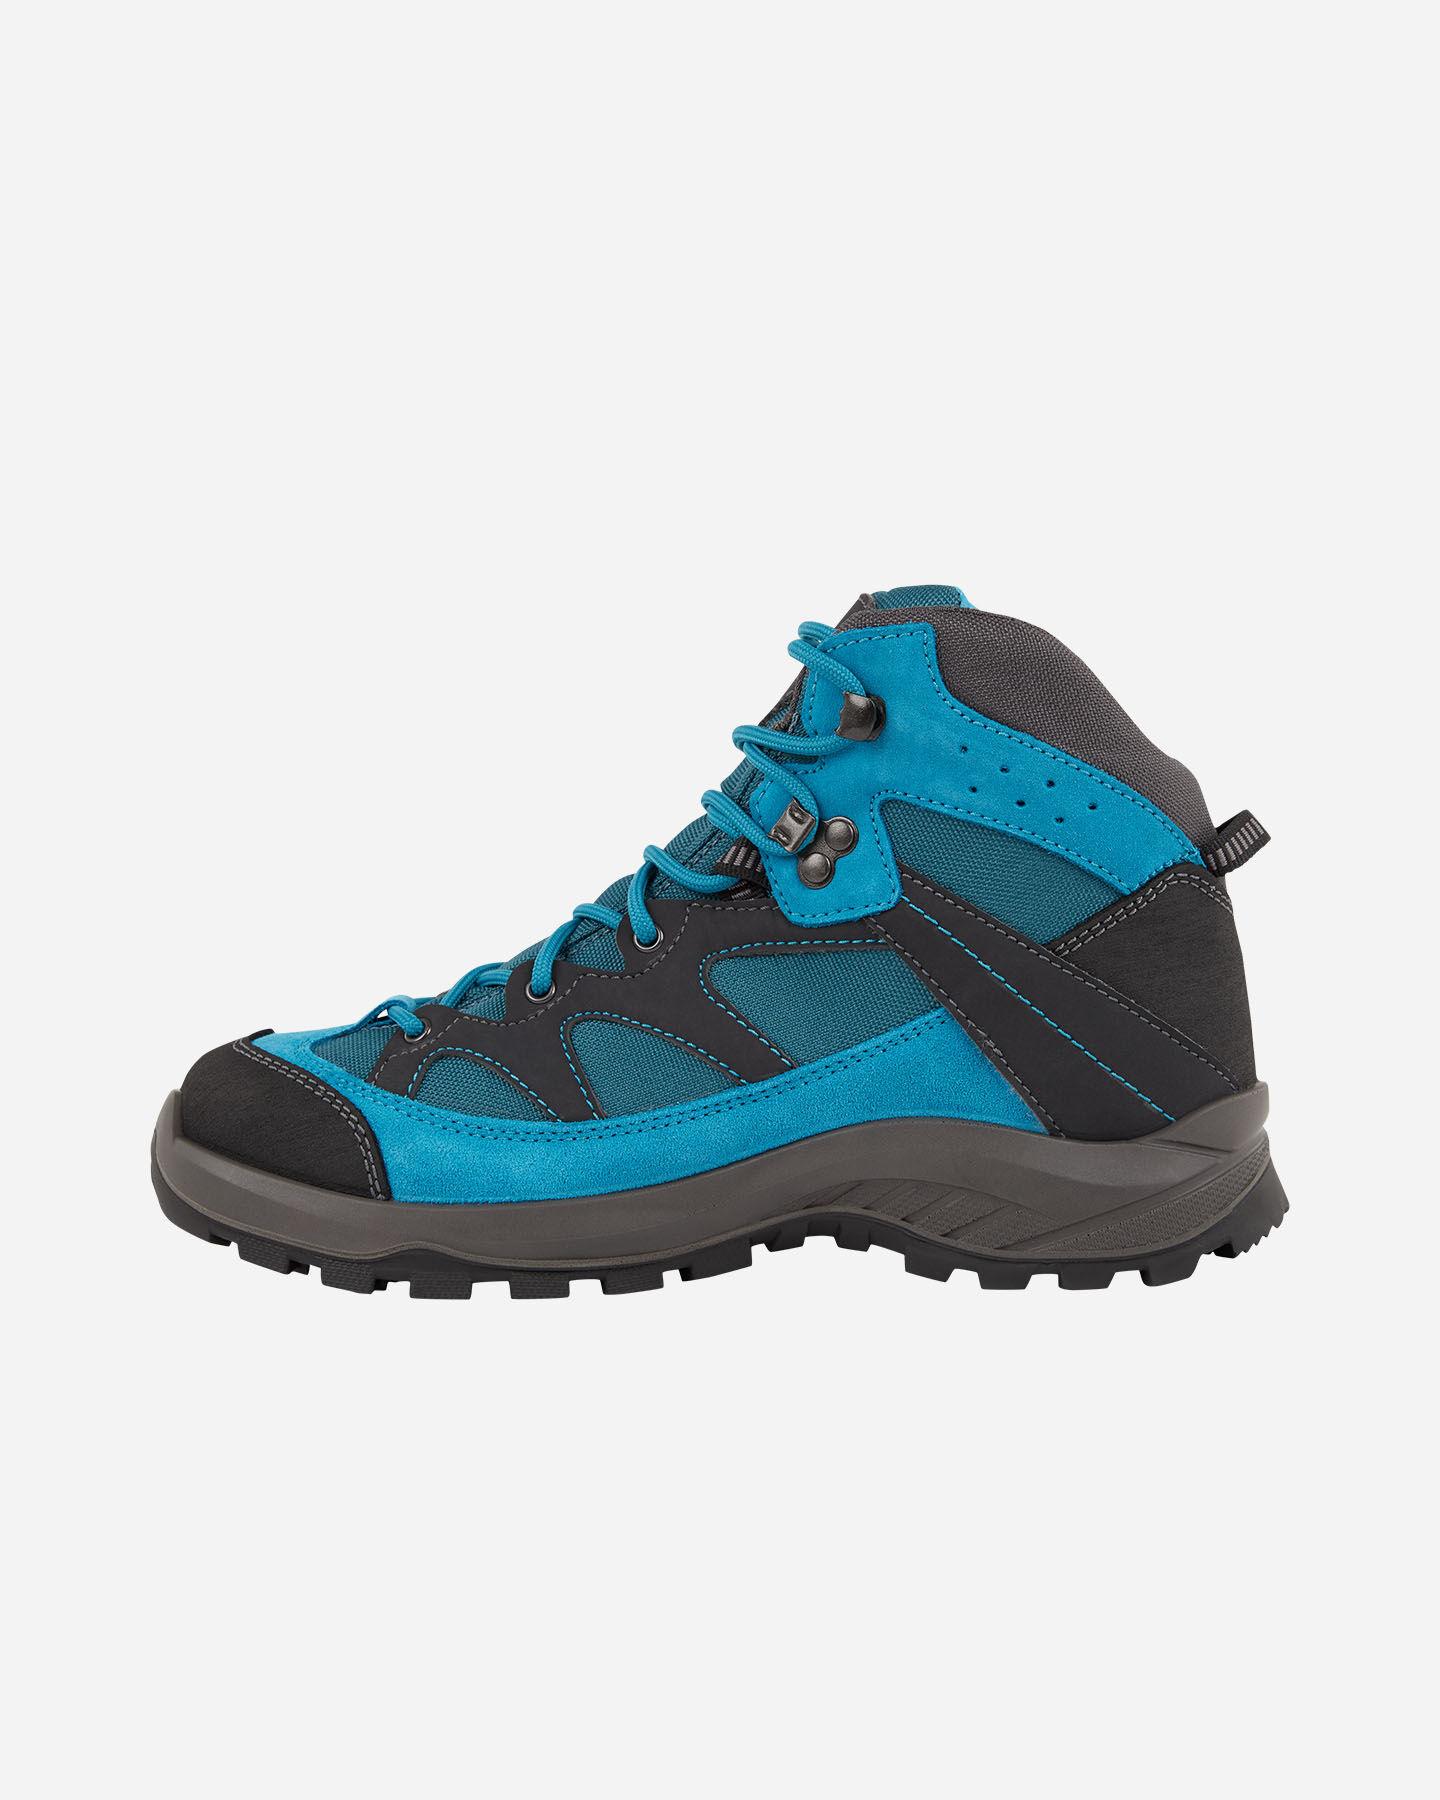 Scarpe escursionismo MCKINLEY DISCOVER MID AQX W S5158849 scatto 4